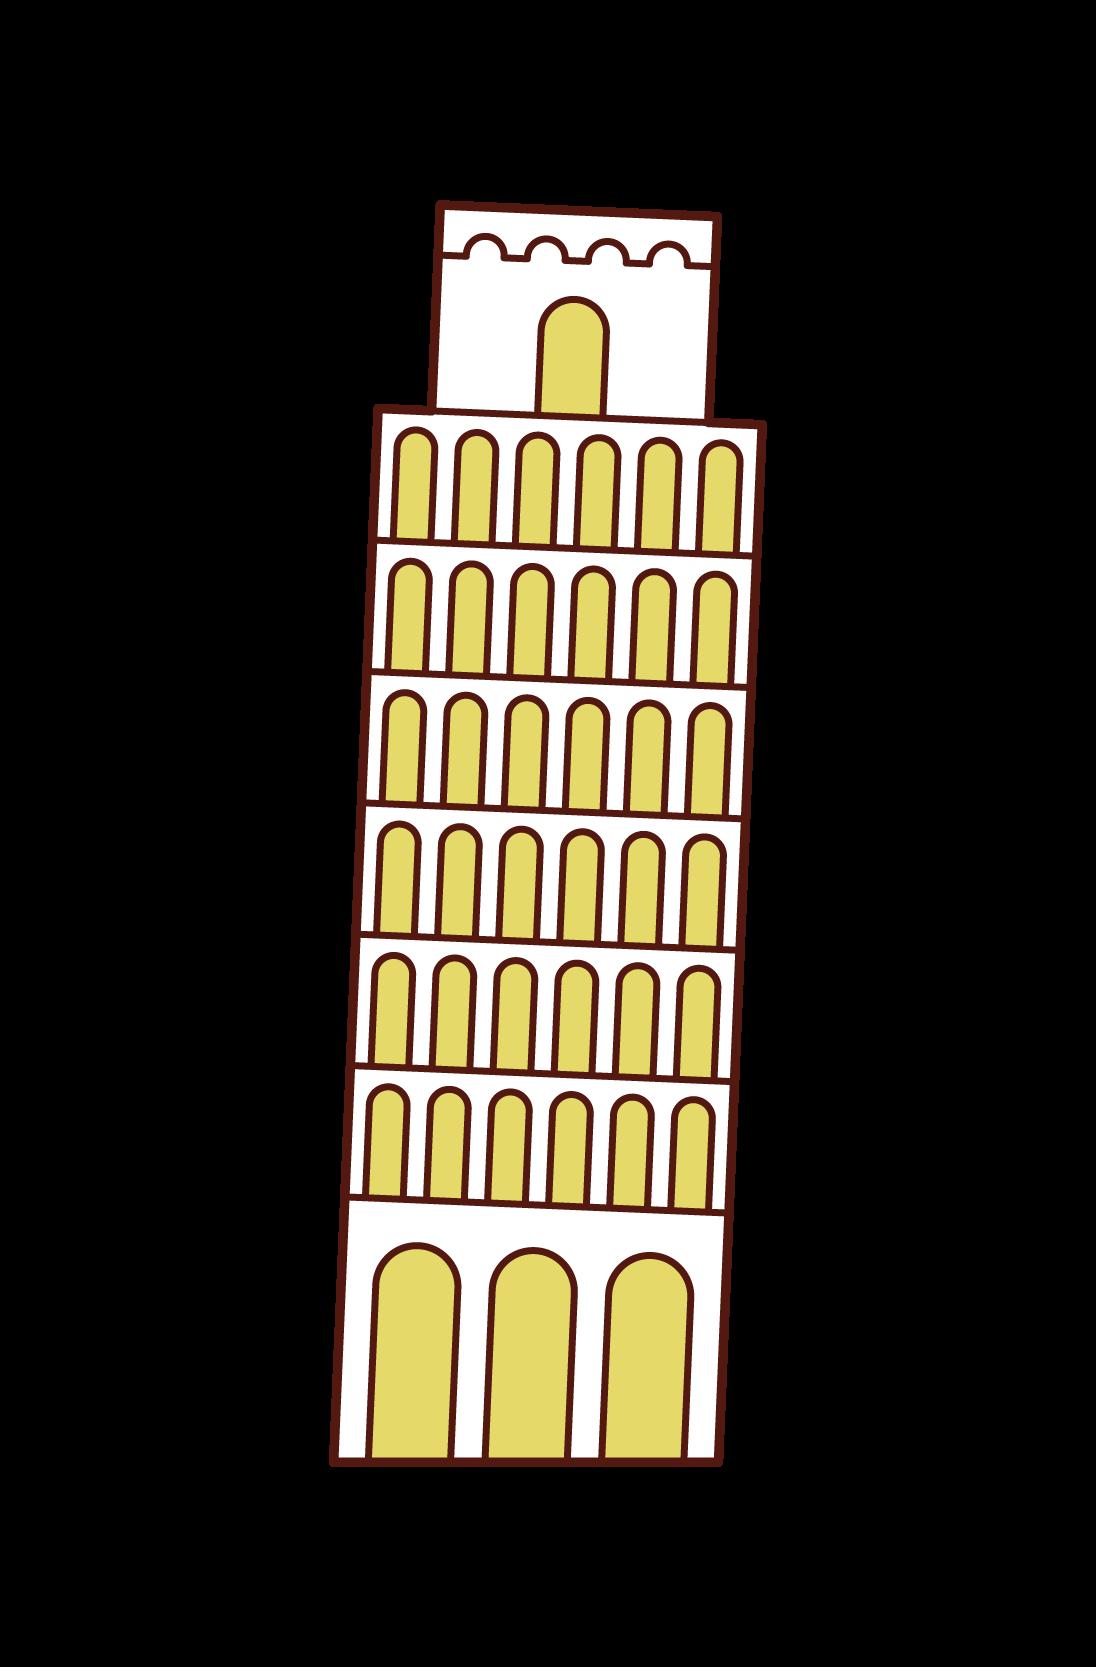 比薩斜塔插圖